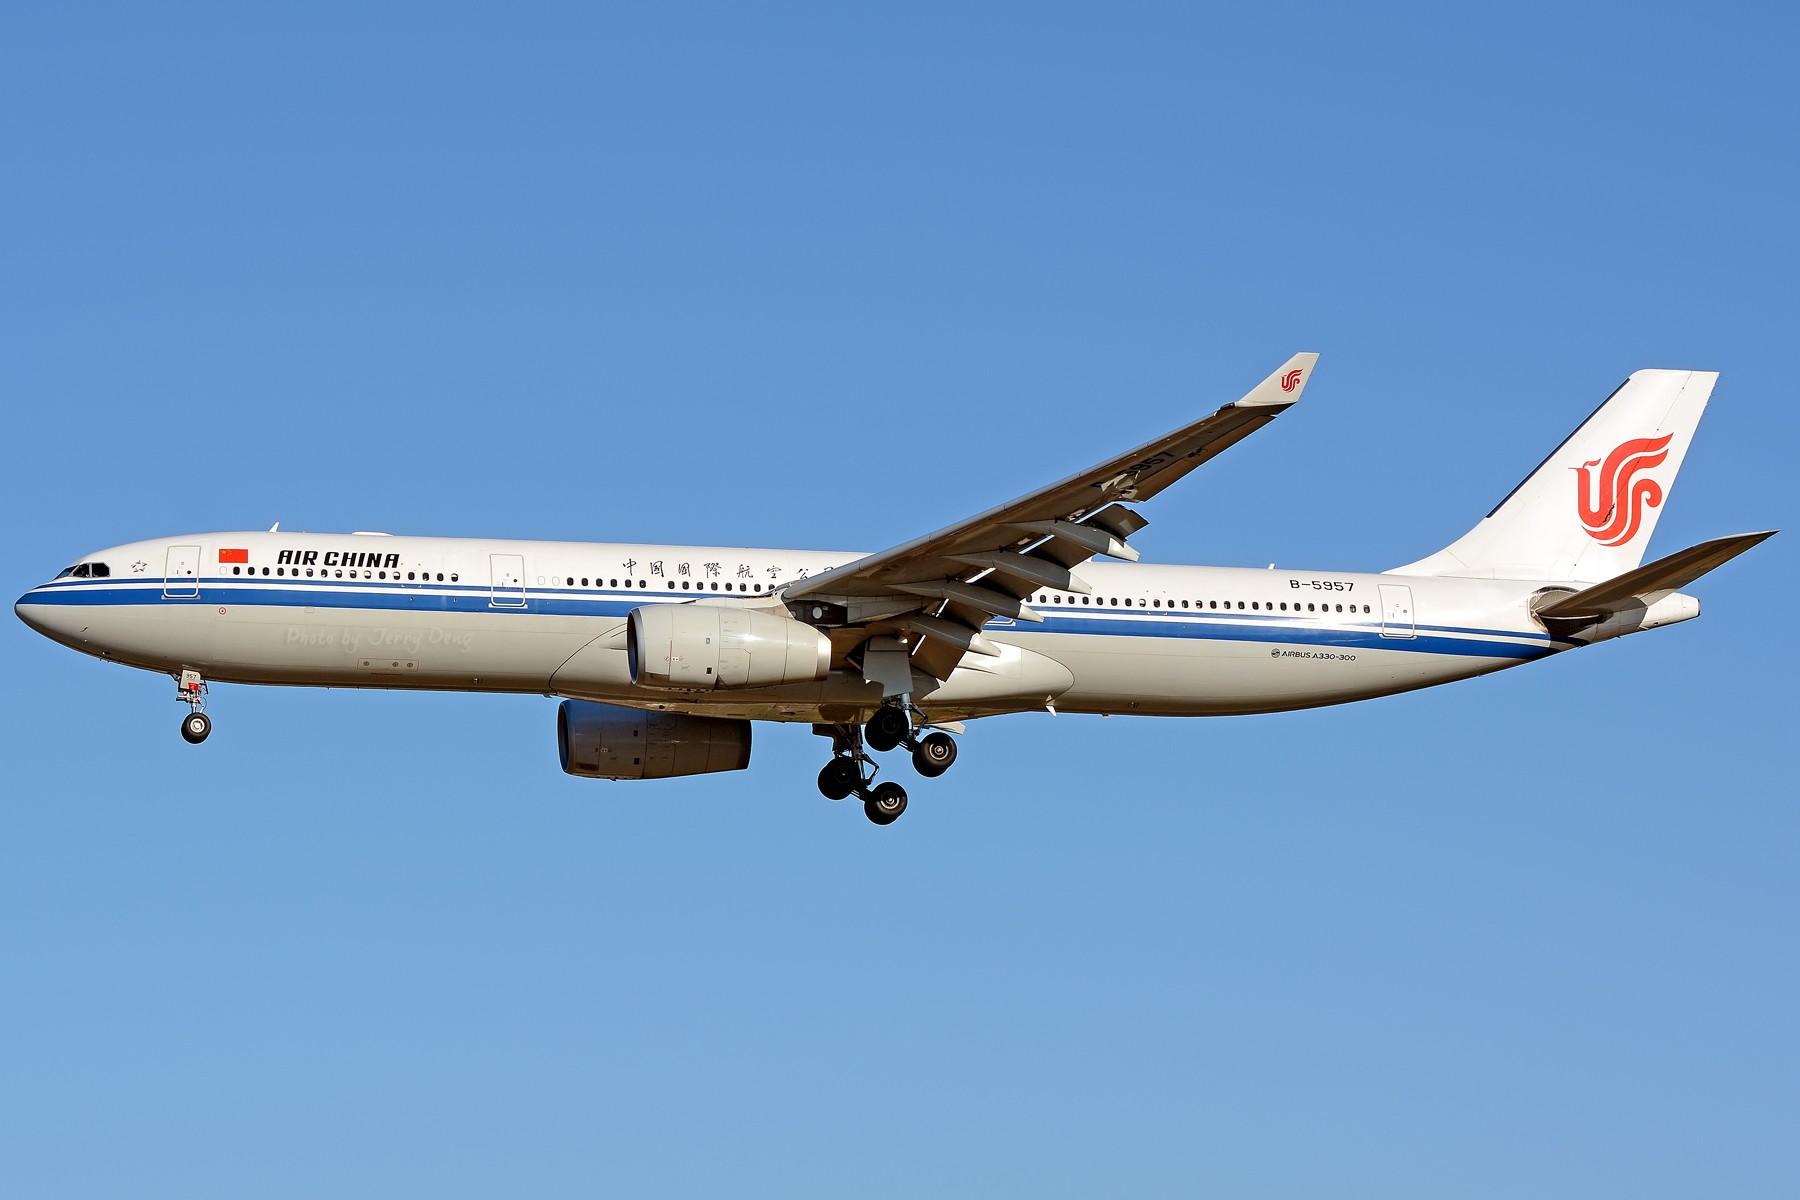 Re:[原创]【多图党】PEK落地一组国航系【2】 AIRBUS A330-300 B-5957 中国北京首都国际机场